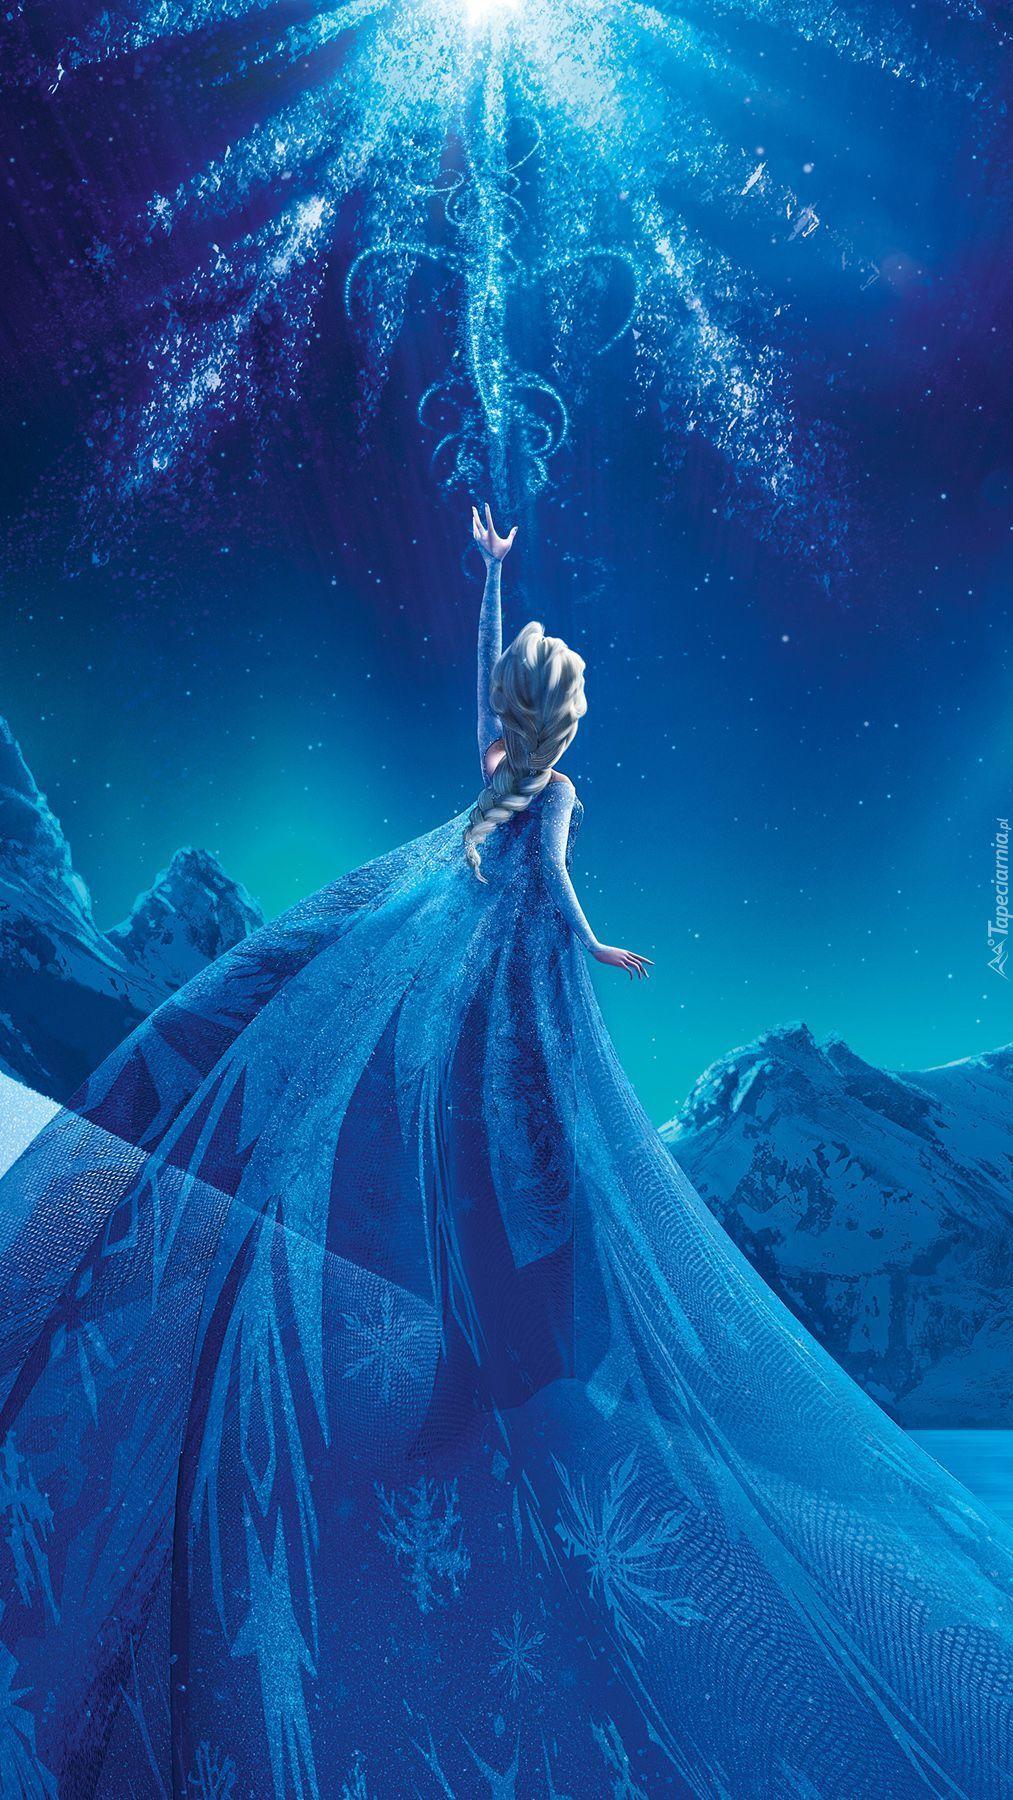 Księżniczka Elza z Krainy lodu